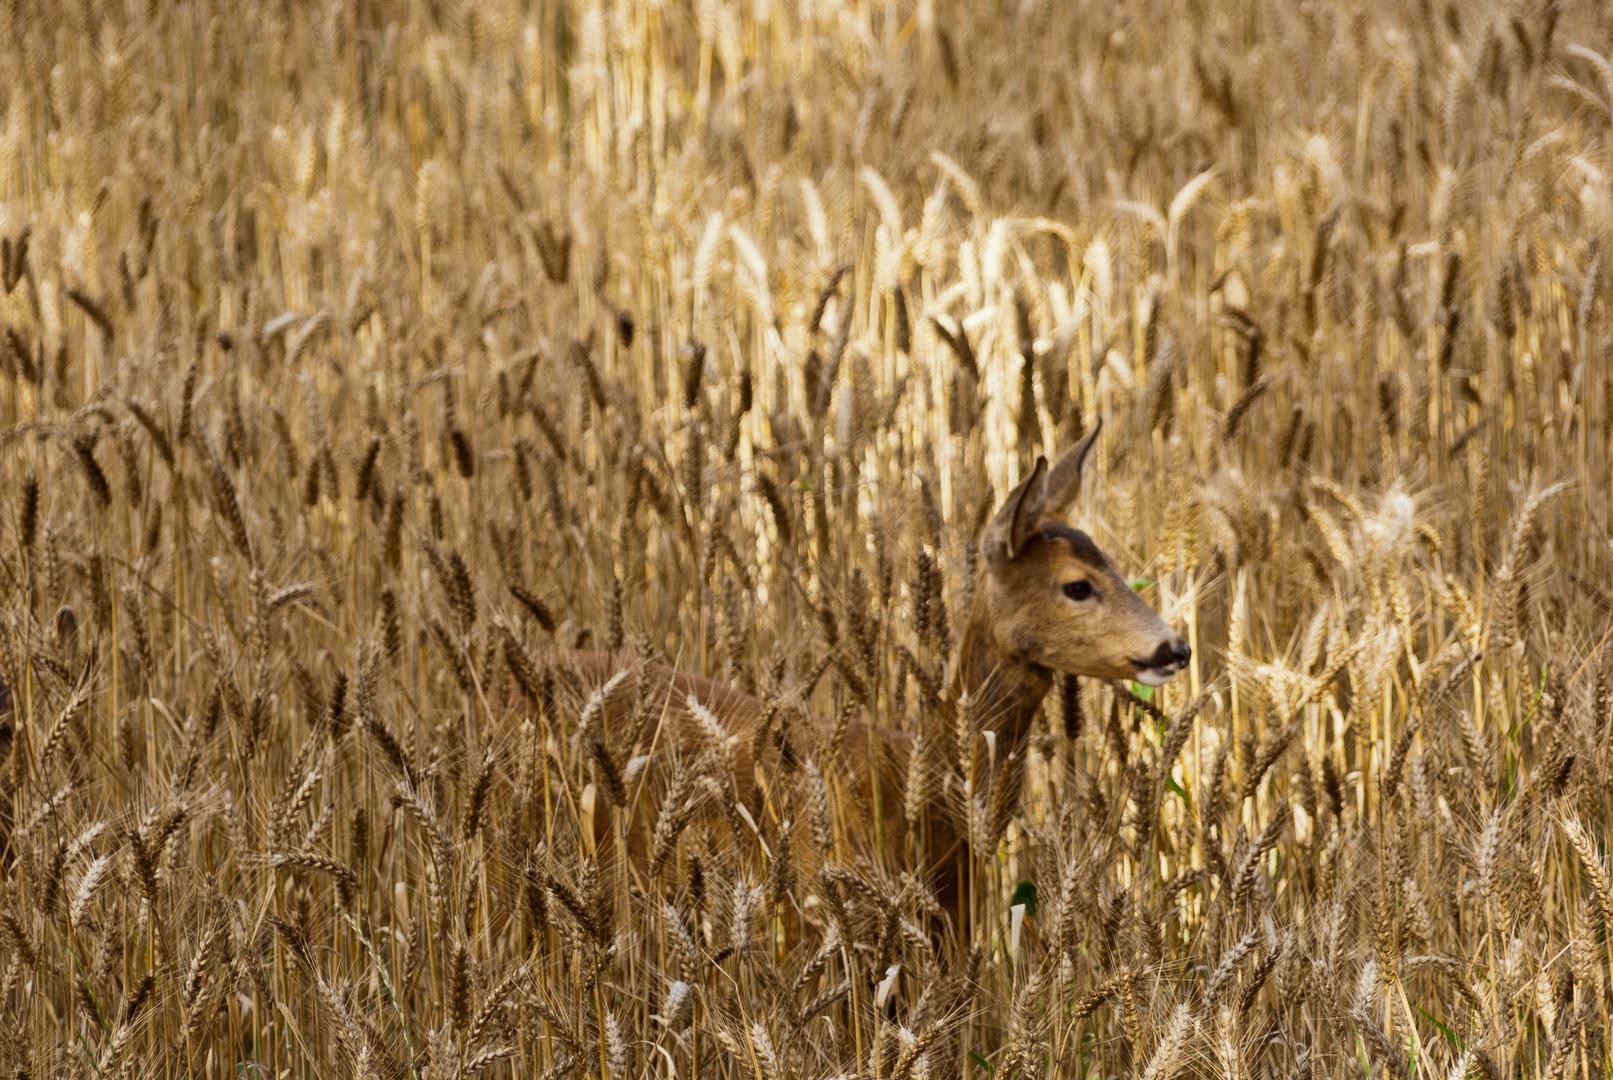 Reh im Weizen